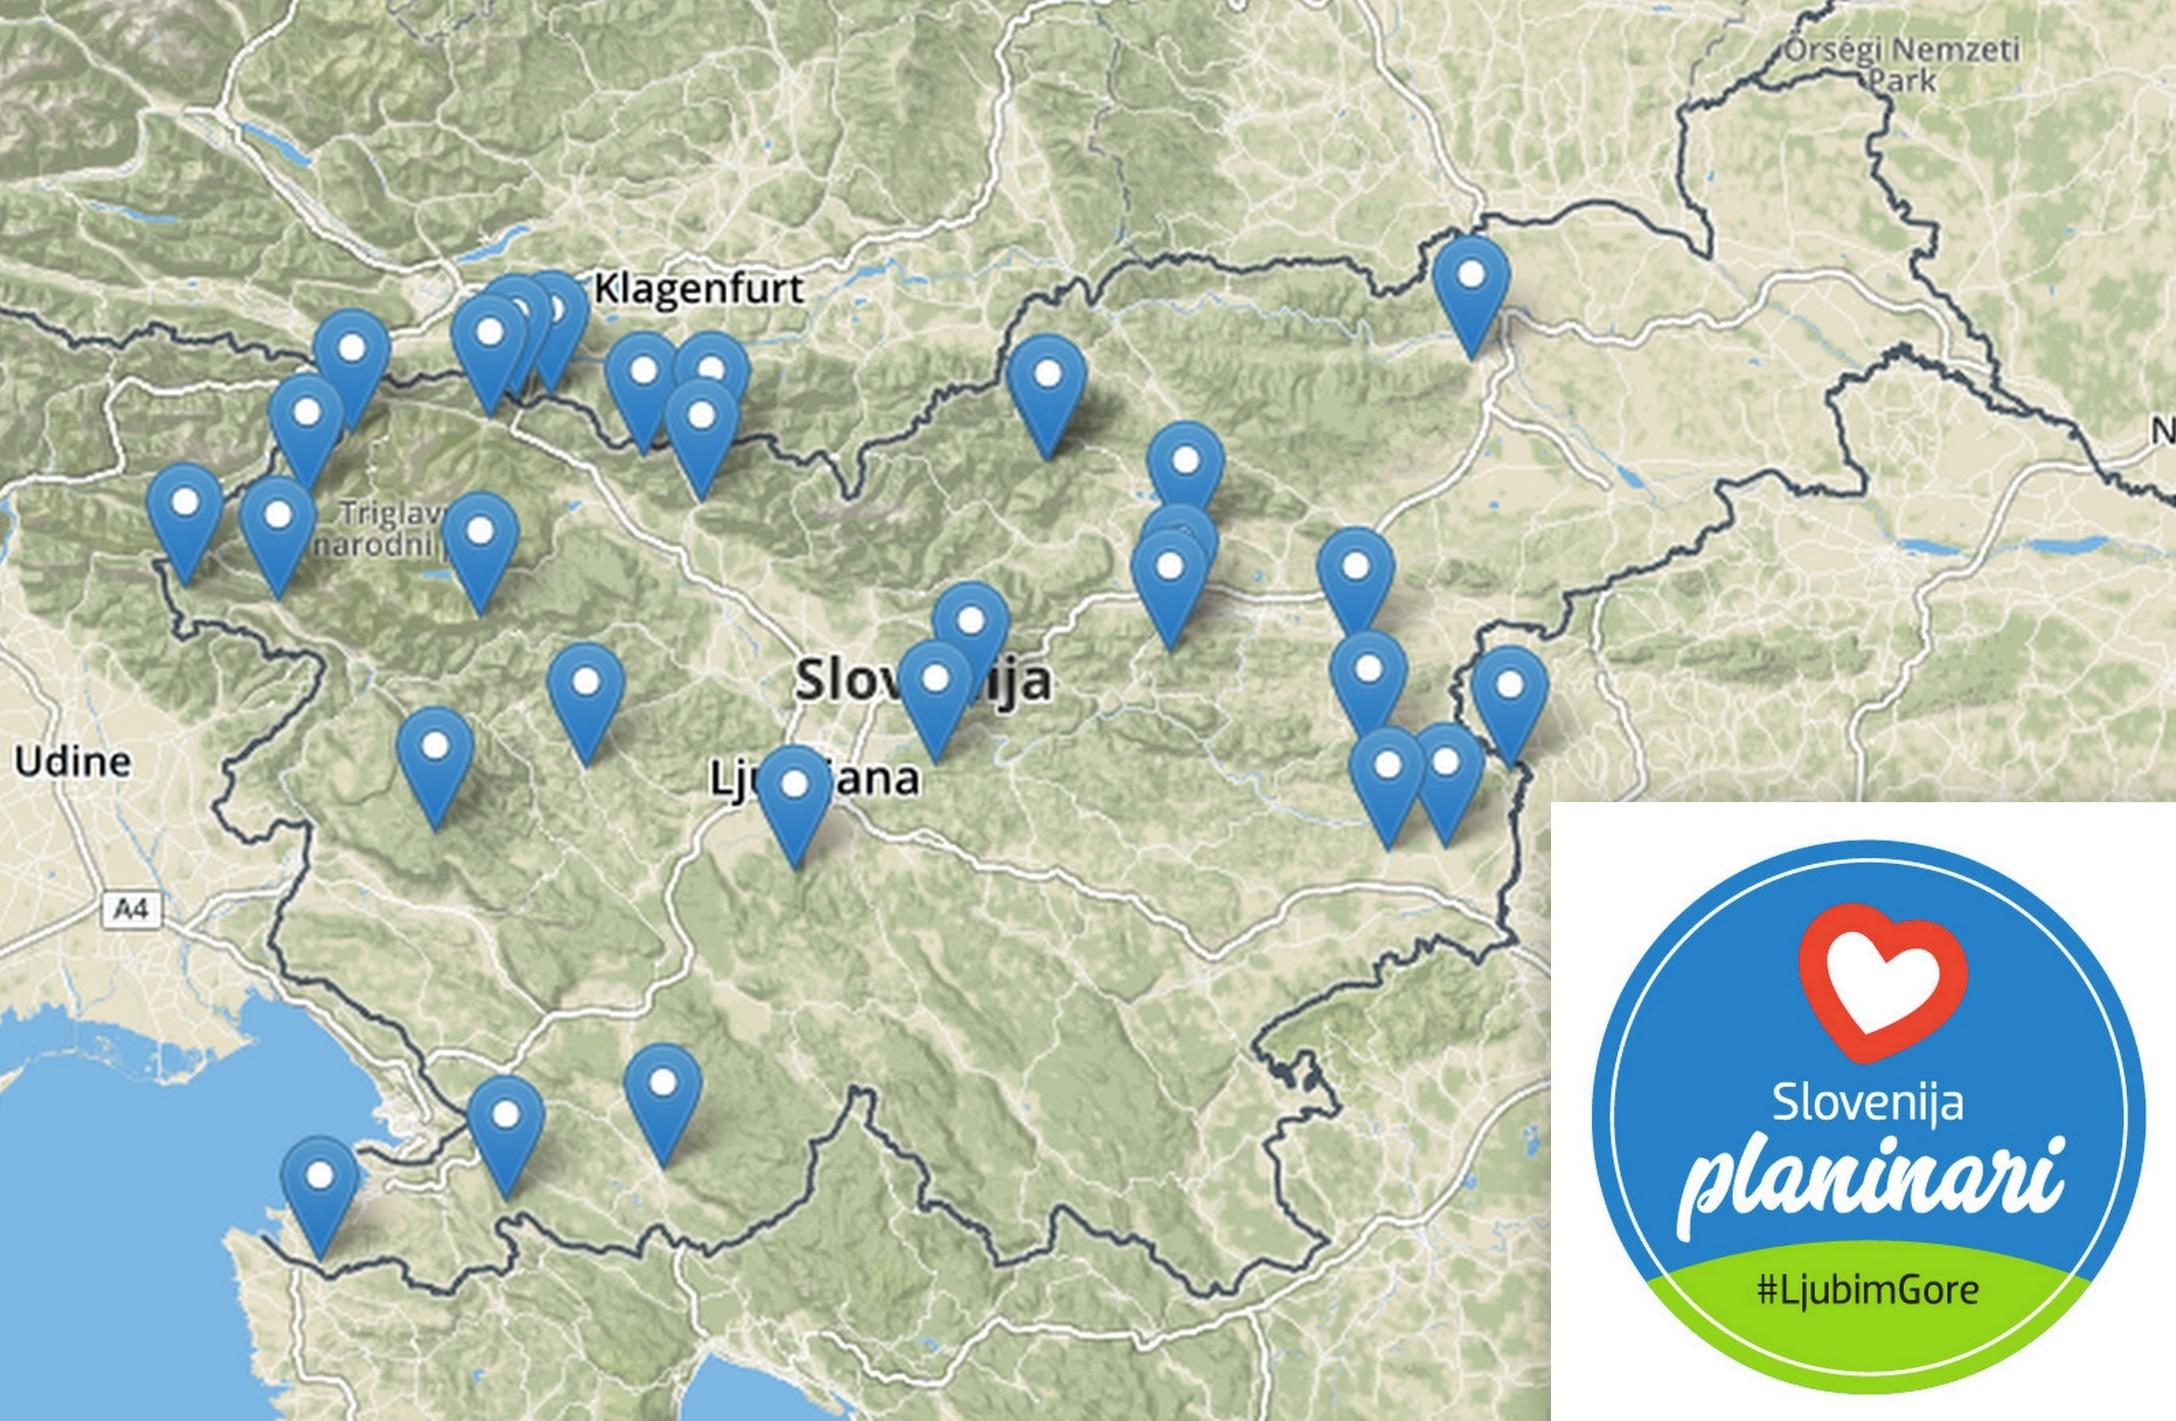 slovenija_planinari_zemljevid_dogodkov